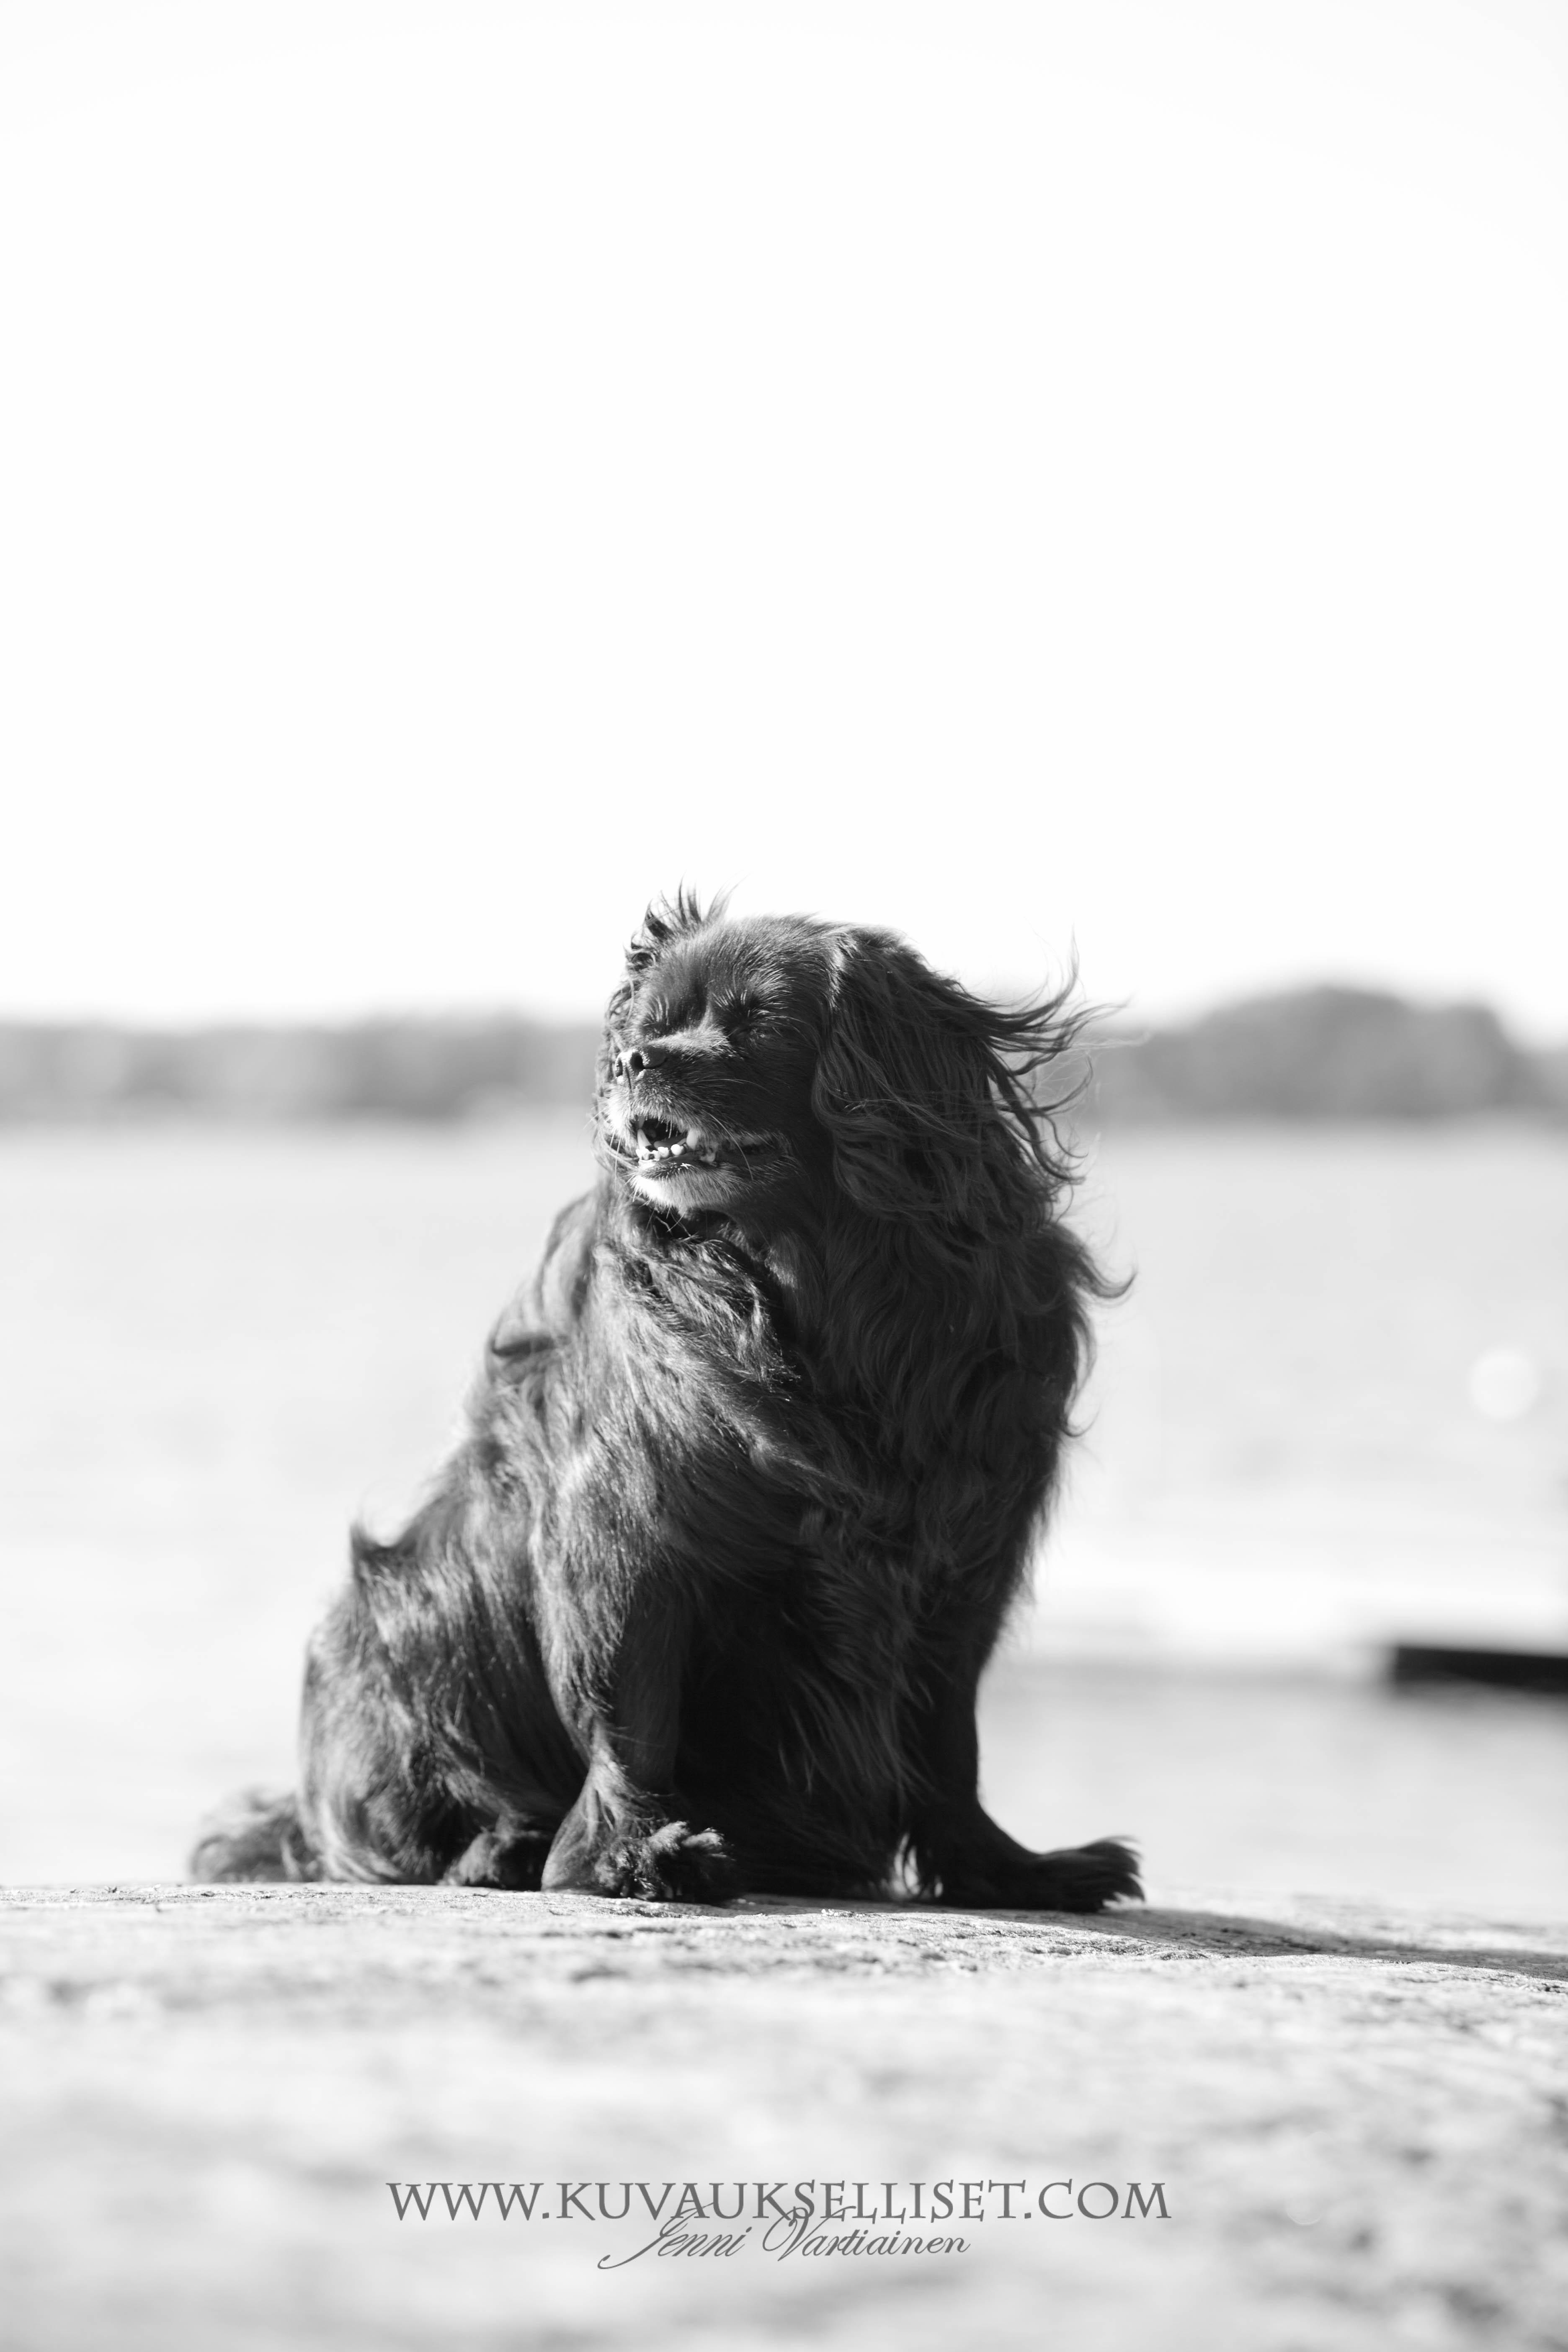 2014.9.2 lemmikkikuvaus miljöökuvaus harrastuskuvaus koirakuvaus eläinkuvaus-4